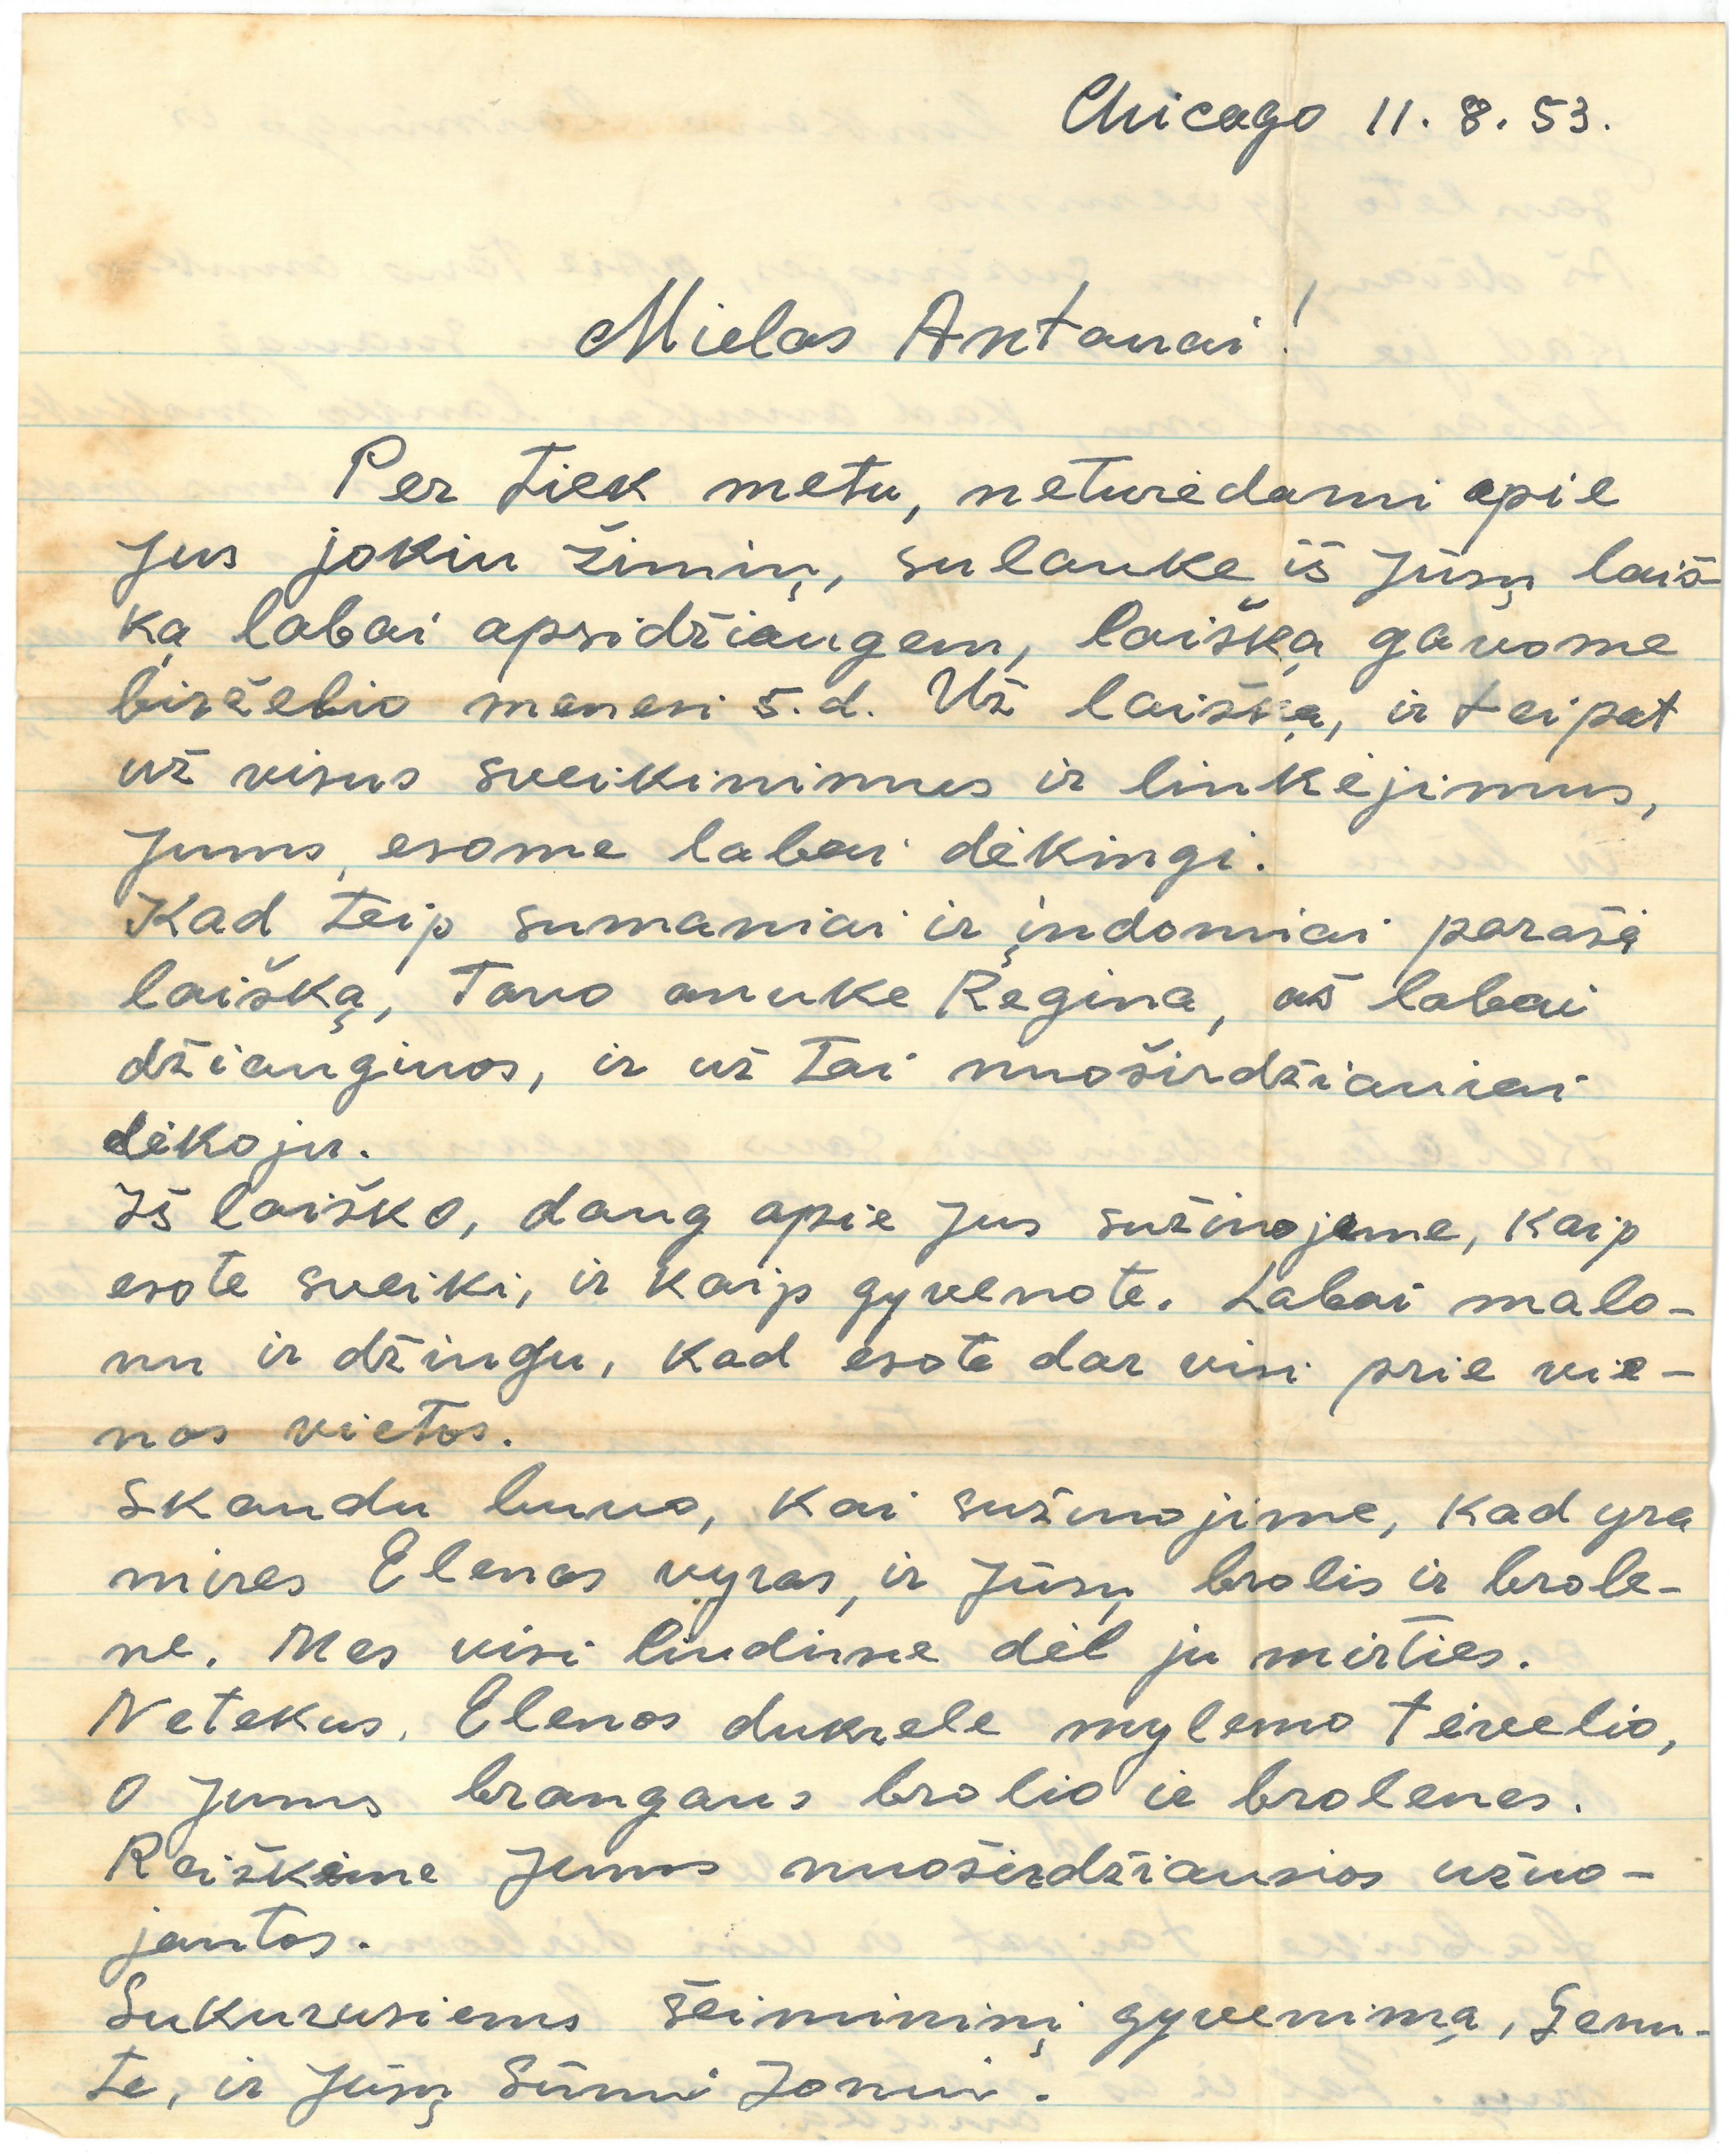 Kazio Balčiūno (slapyv. K. Chesek) laiškas  artimiesiems. 1953 m. rugpjūčio 11 d.